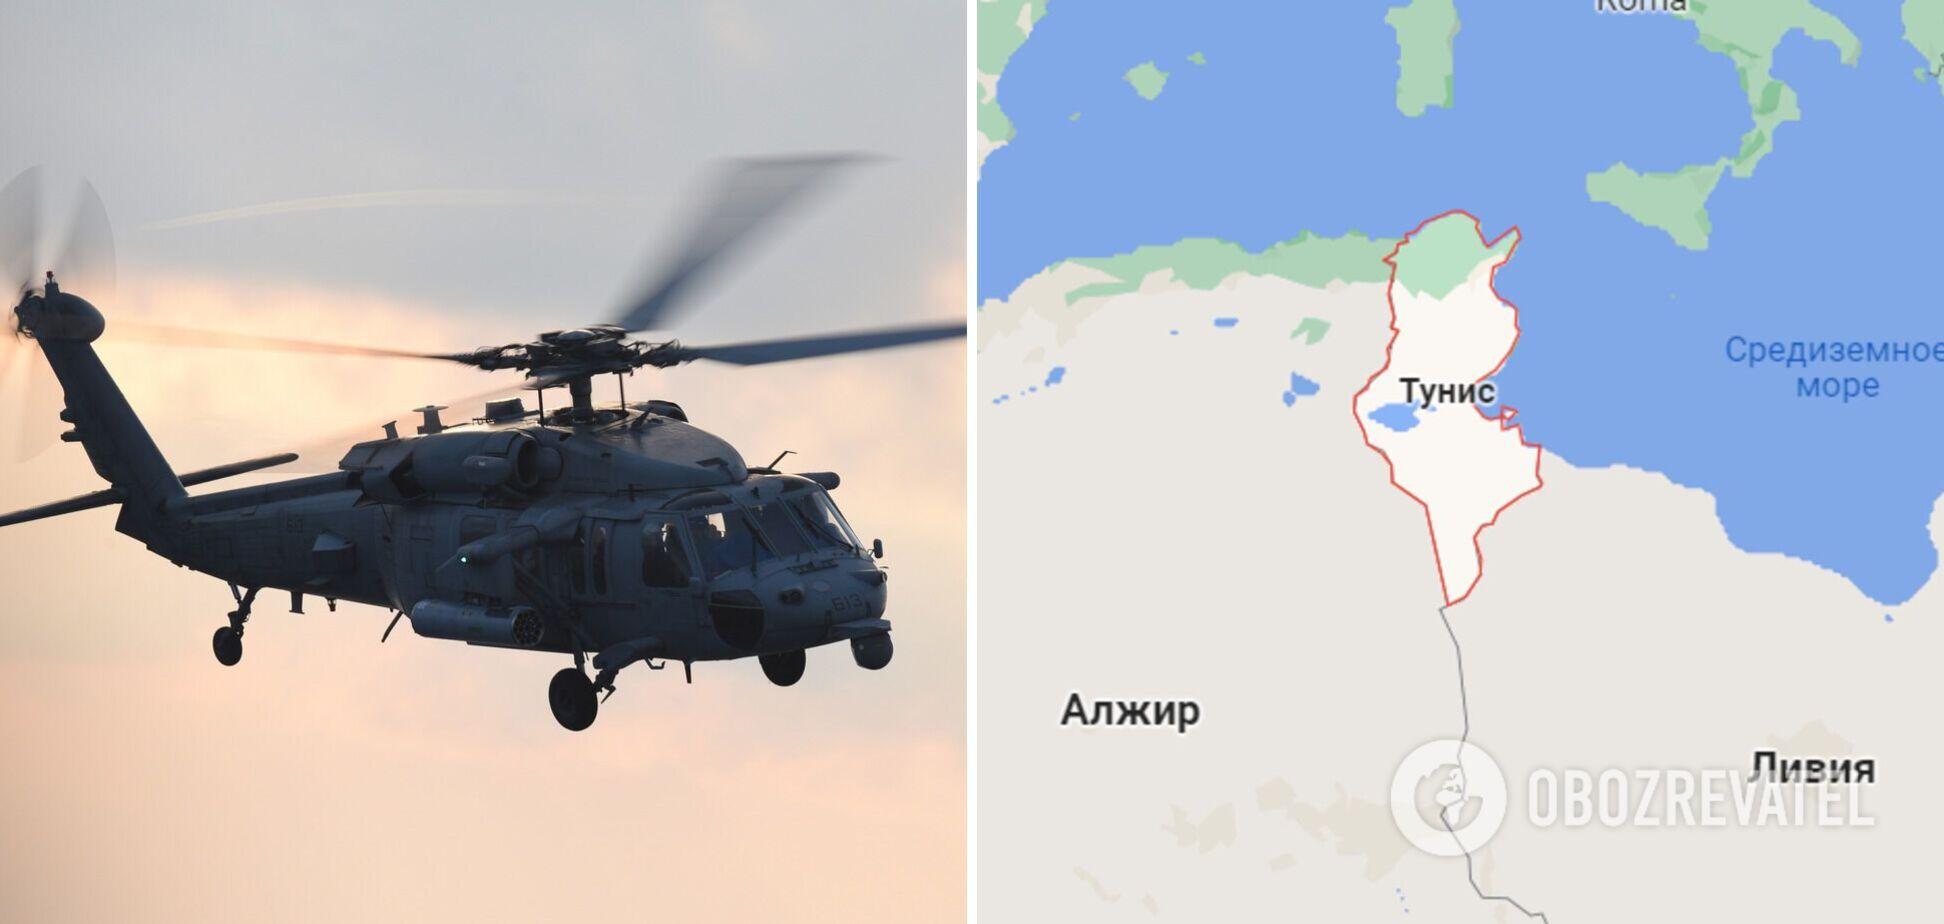 У Тунісі розбився вертоліт